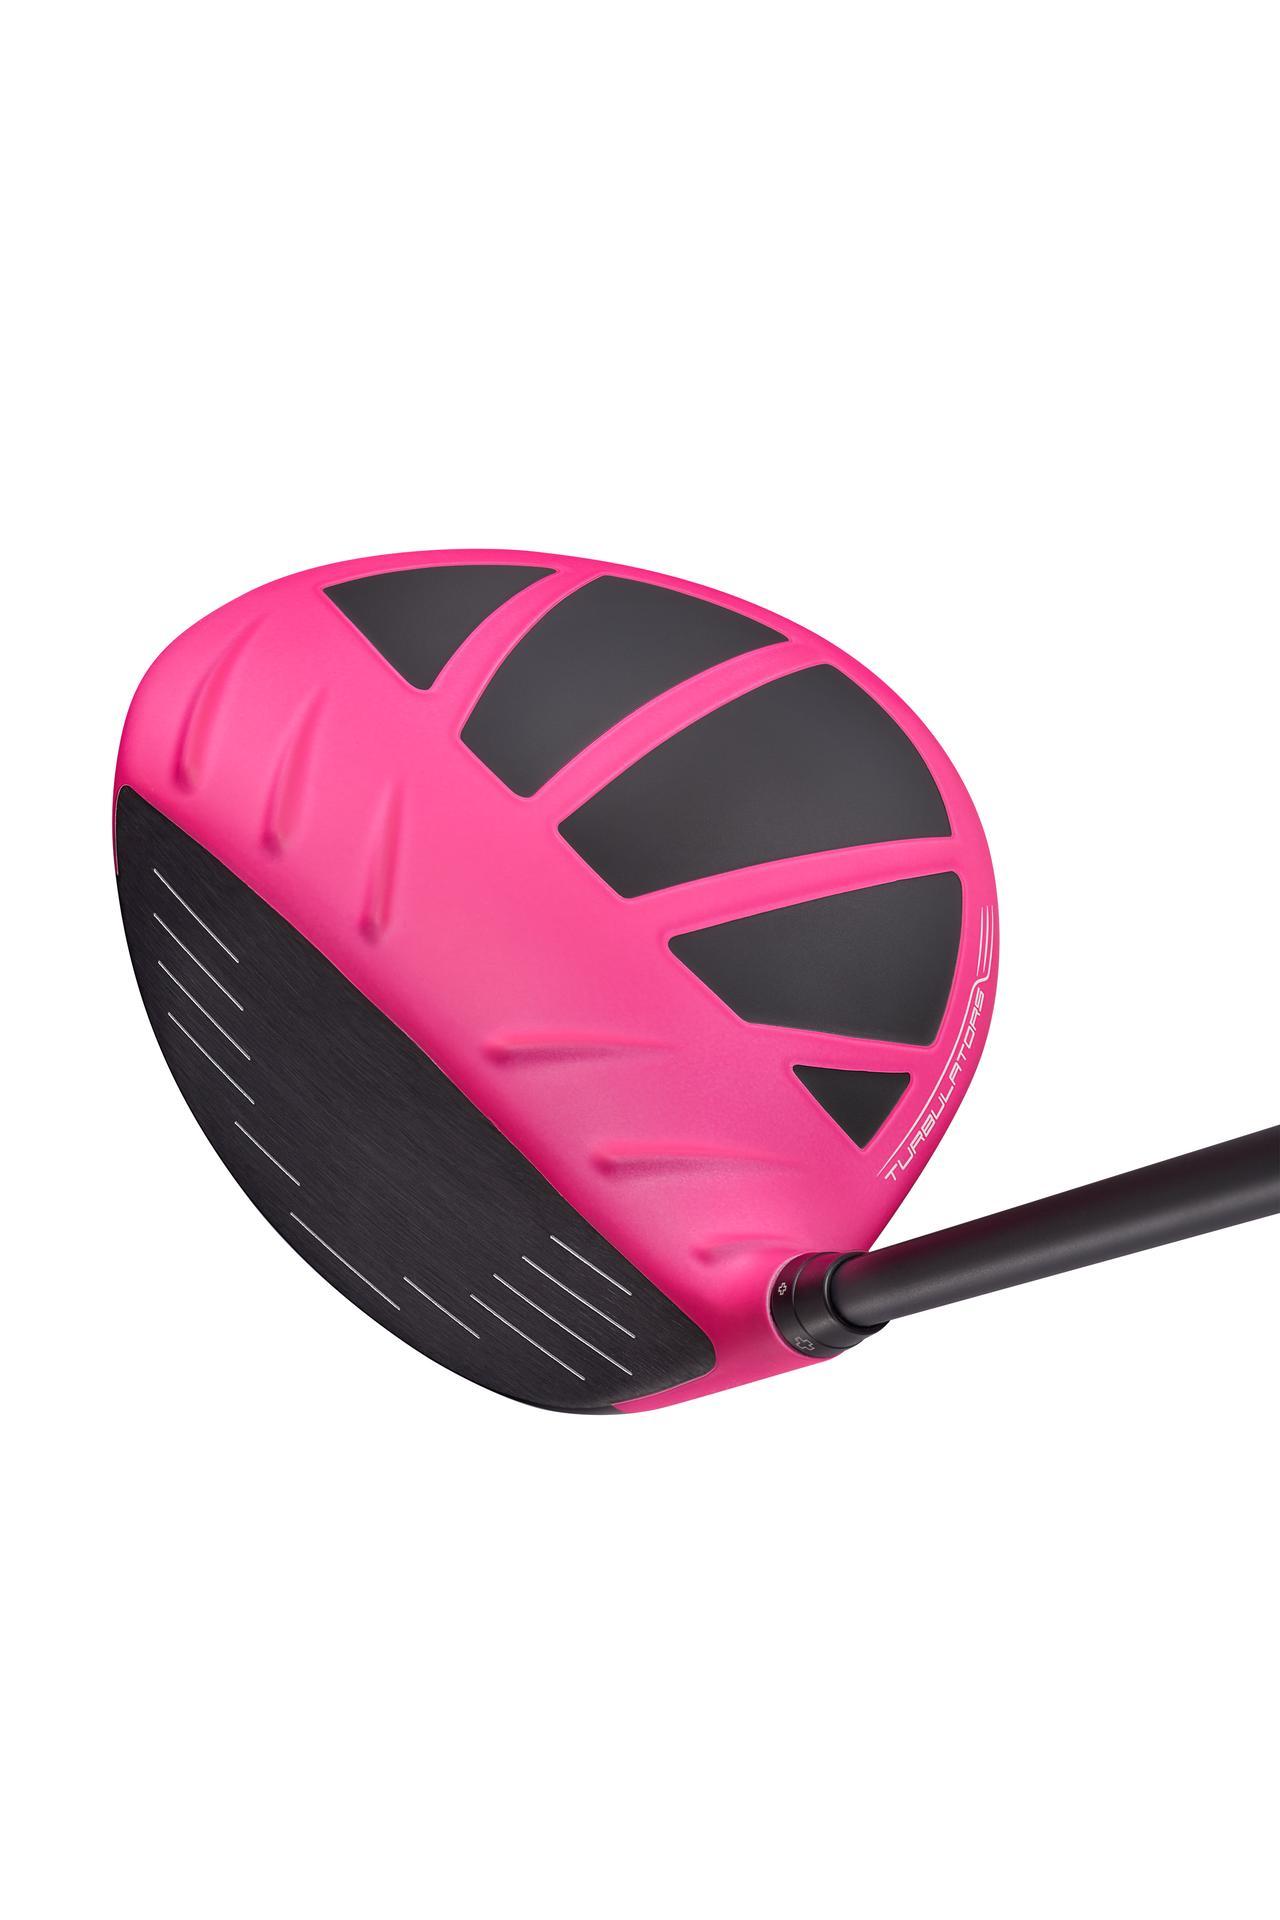 画像1: そして最新モデル「Gドライバー」でもピンクドライバーが発売